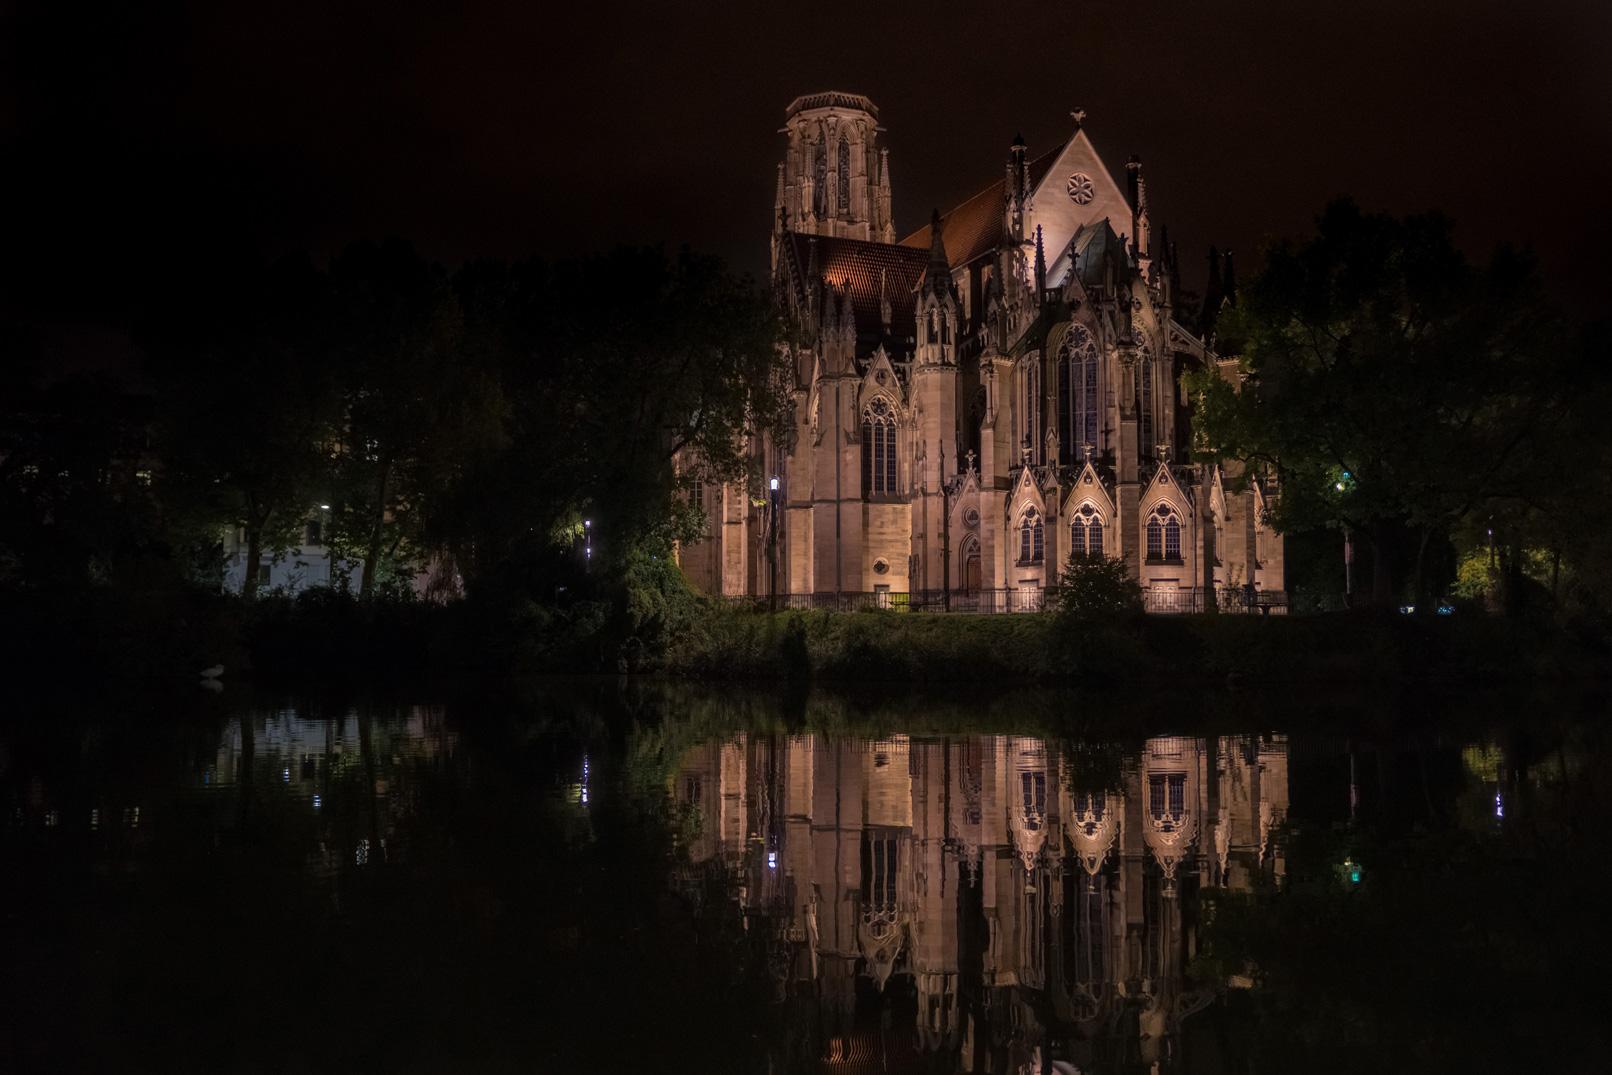 Beleuchtetes Gebäude in der Nacht – im Nachtfotografie-Training wird gezeigt, wie die Aufnahme funktioniert.